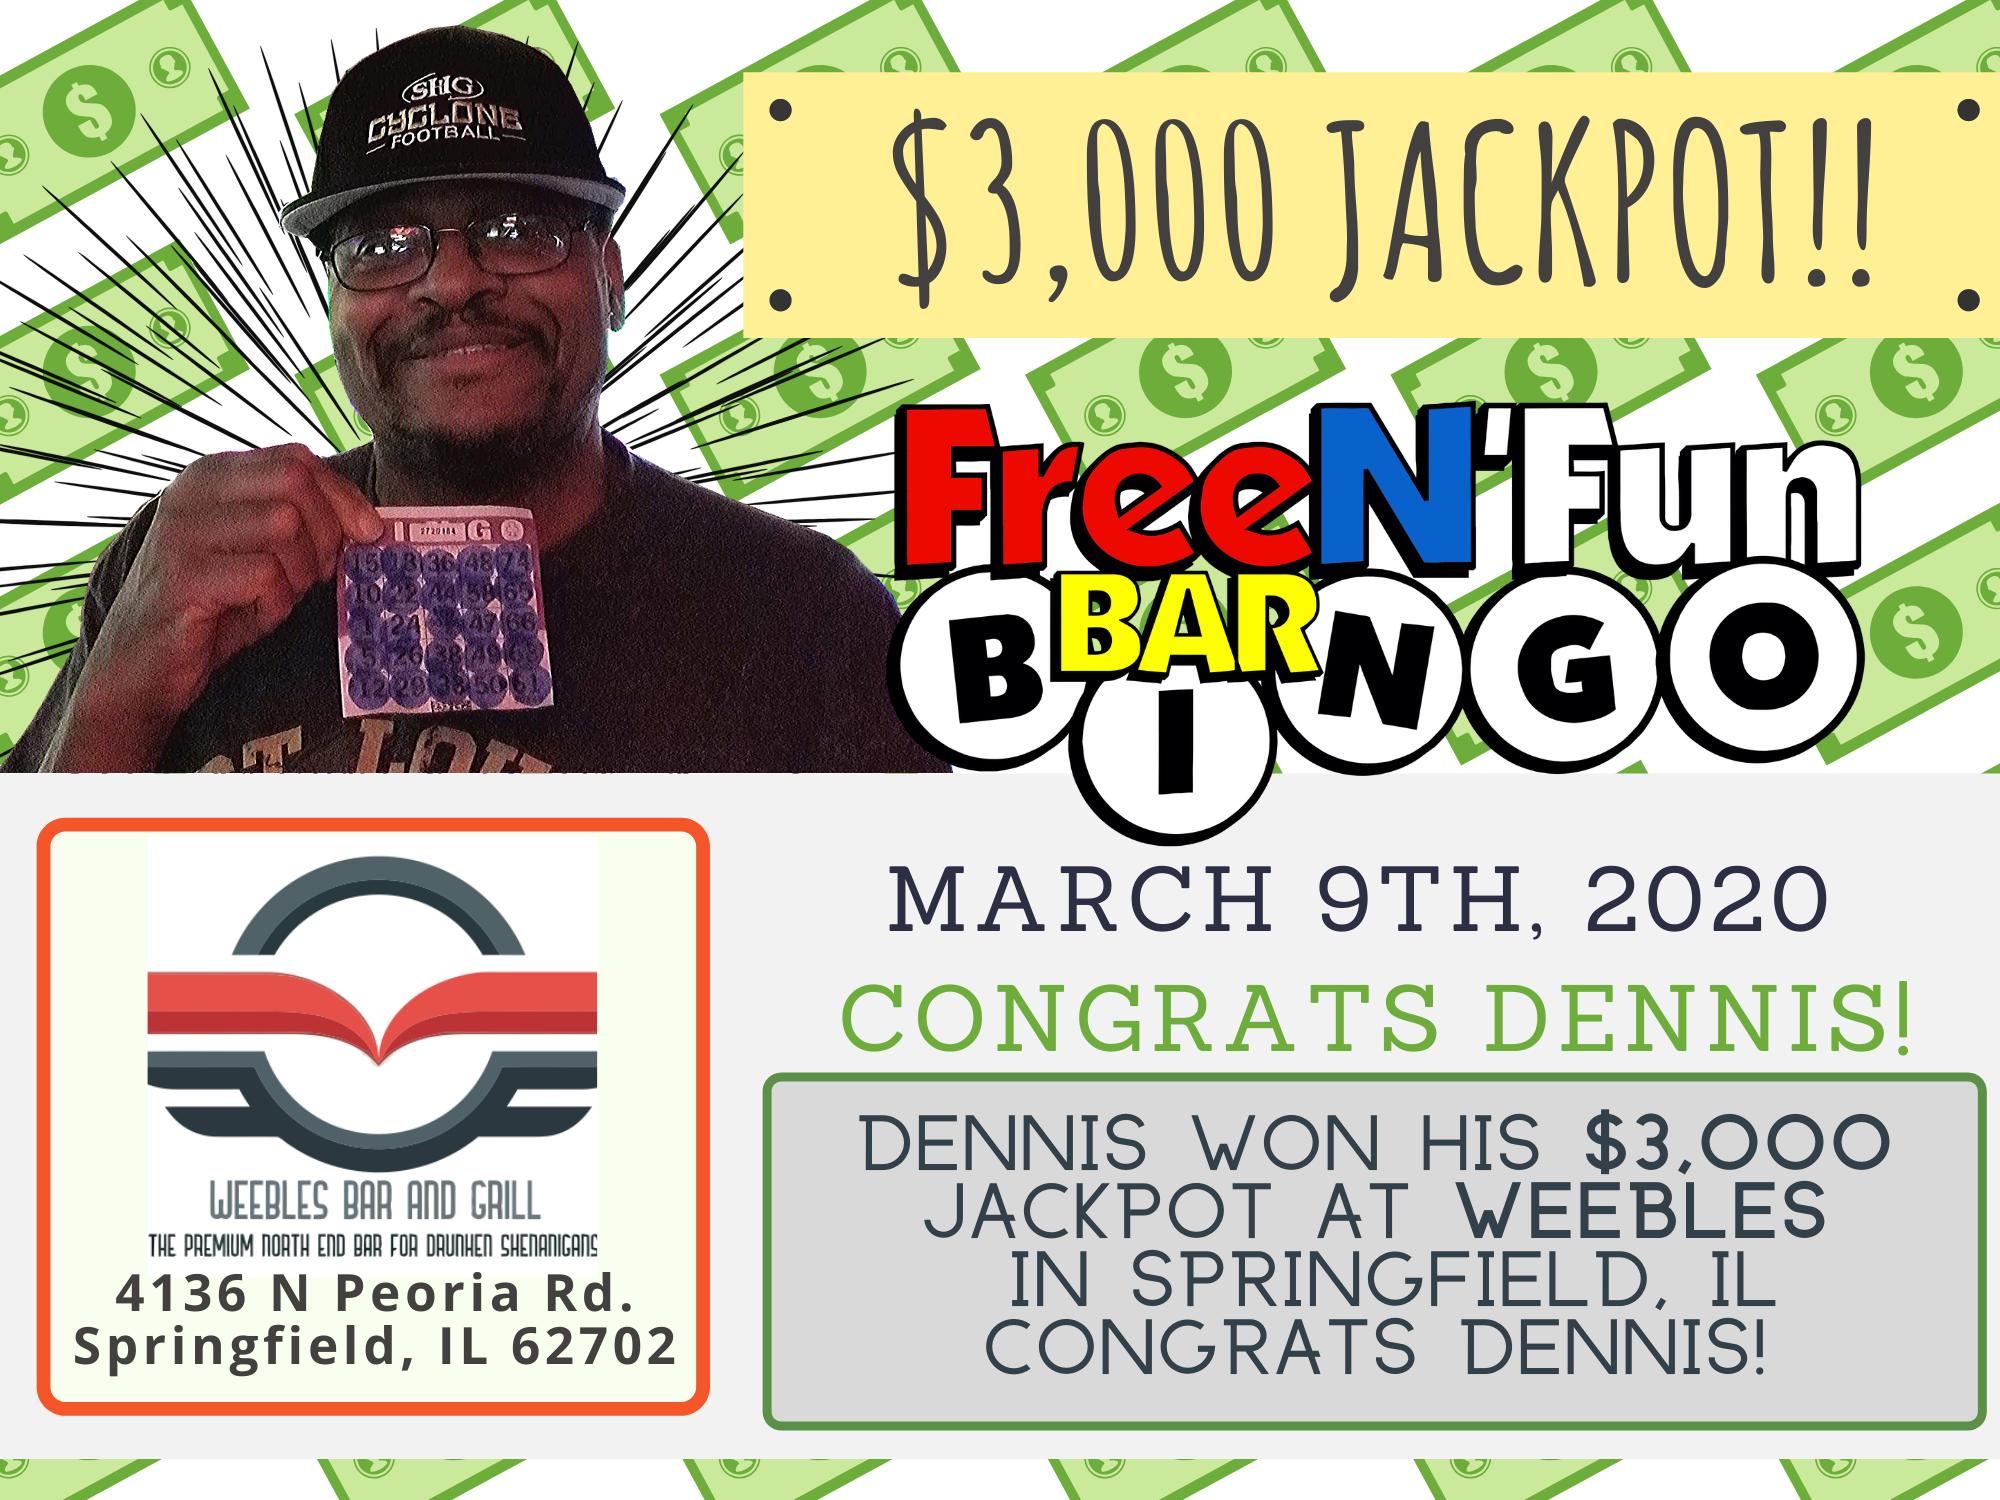 Jackpot Winner 2020 Dennis